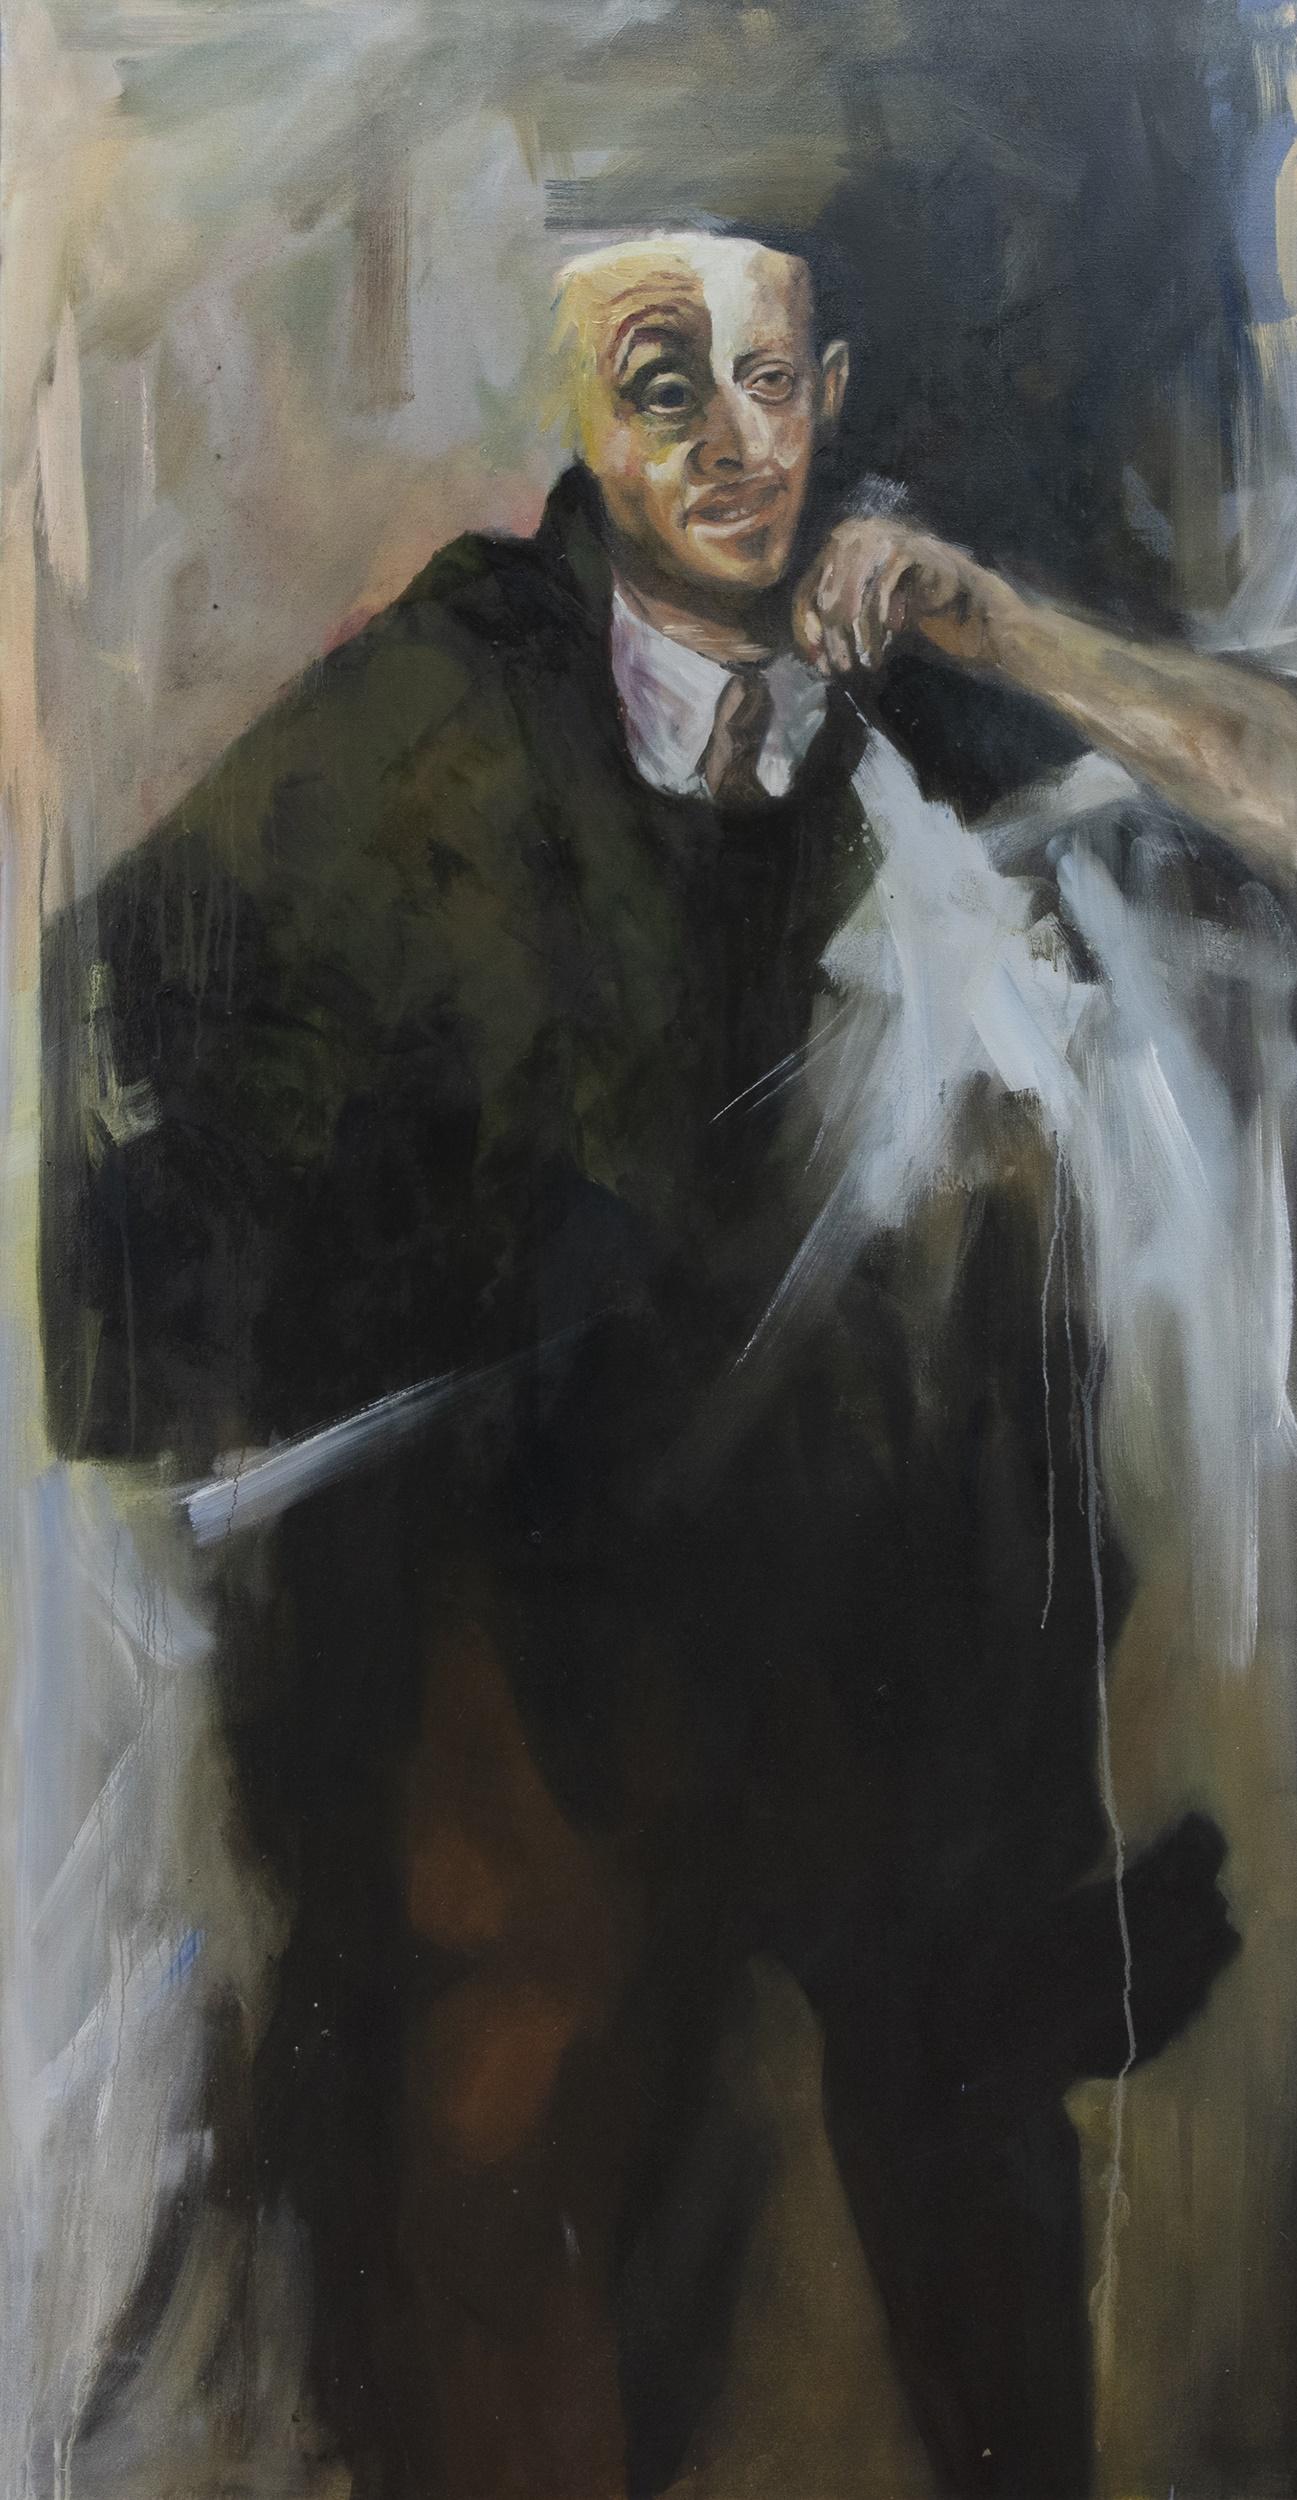 MENIPPUS, AN OIL BY PHILIP GURREY